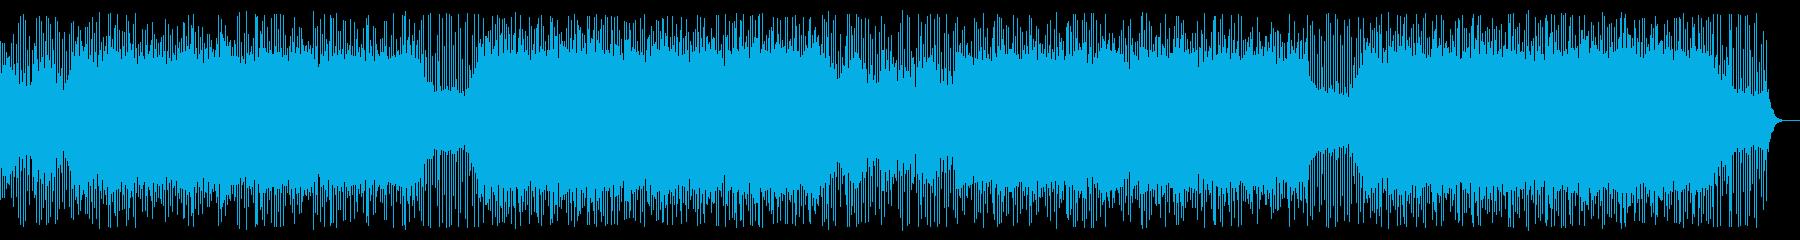 民族楽器と4つ打ちの怪しい曲-02の再生済みの波形